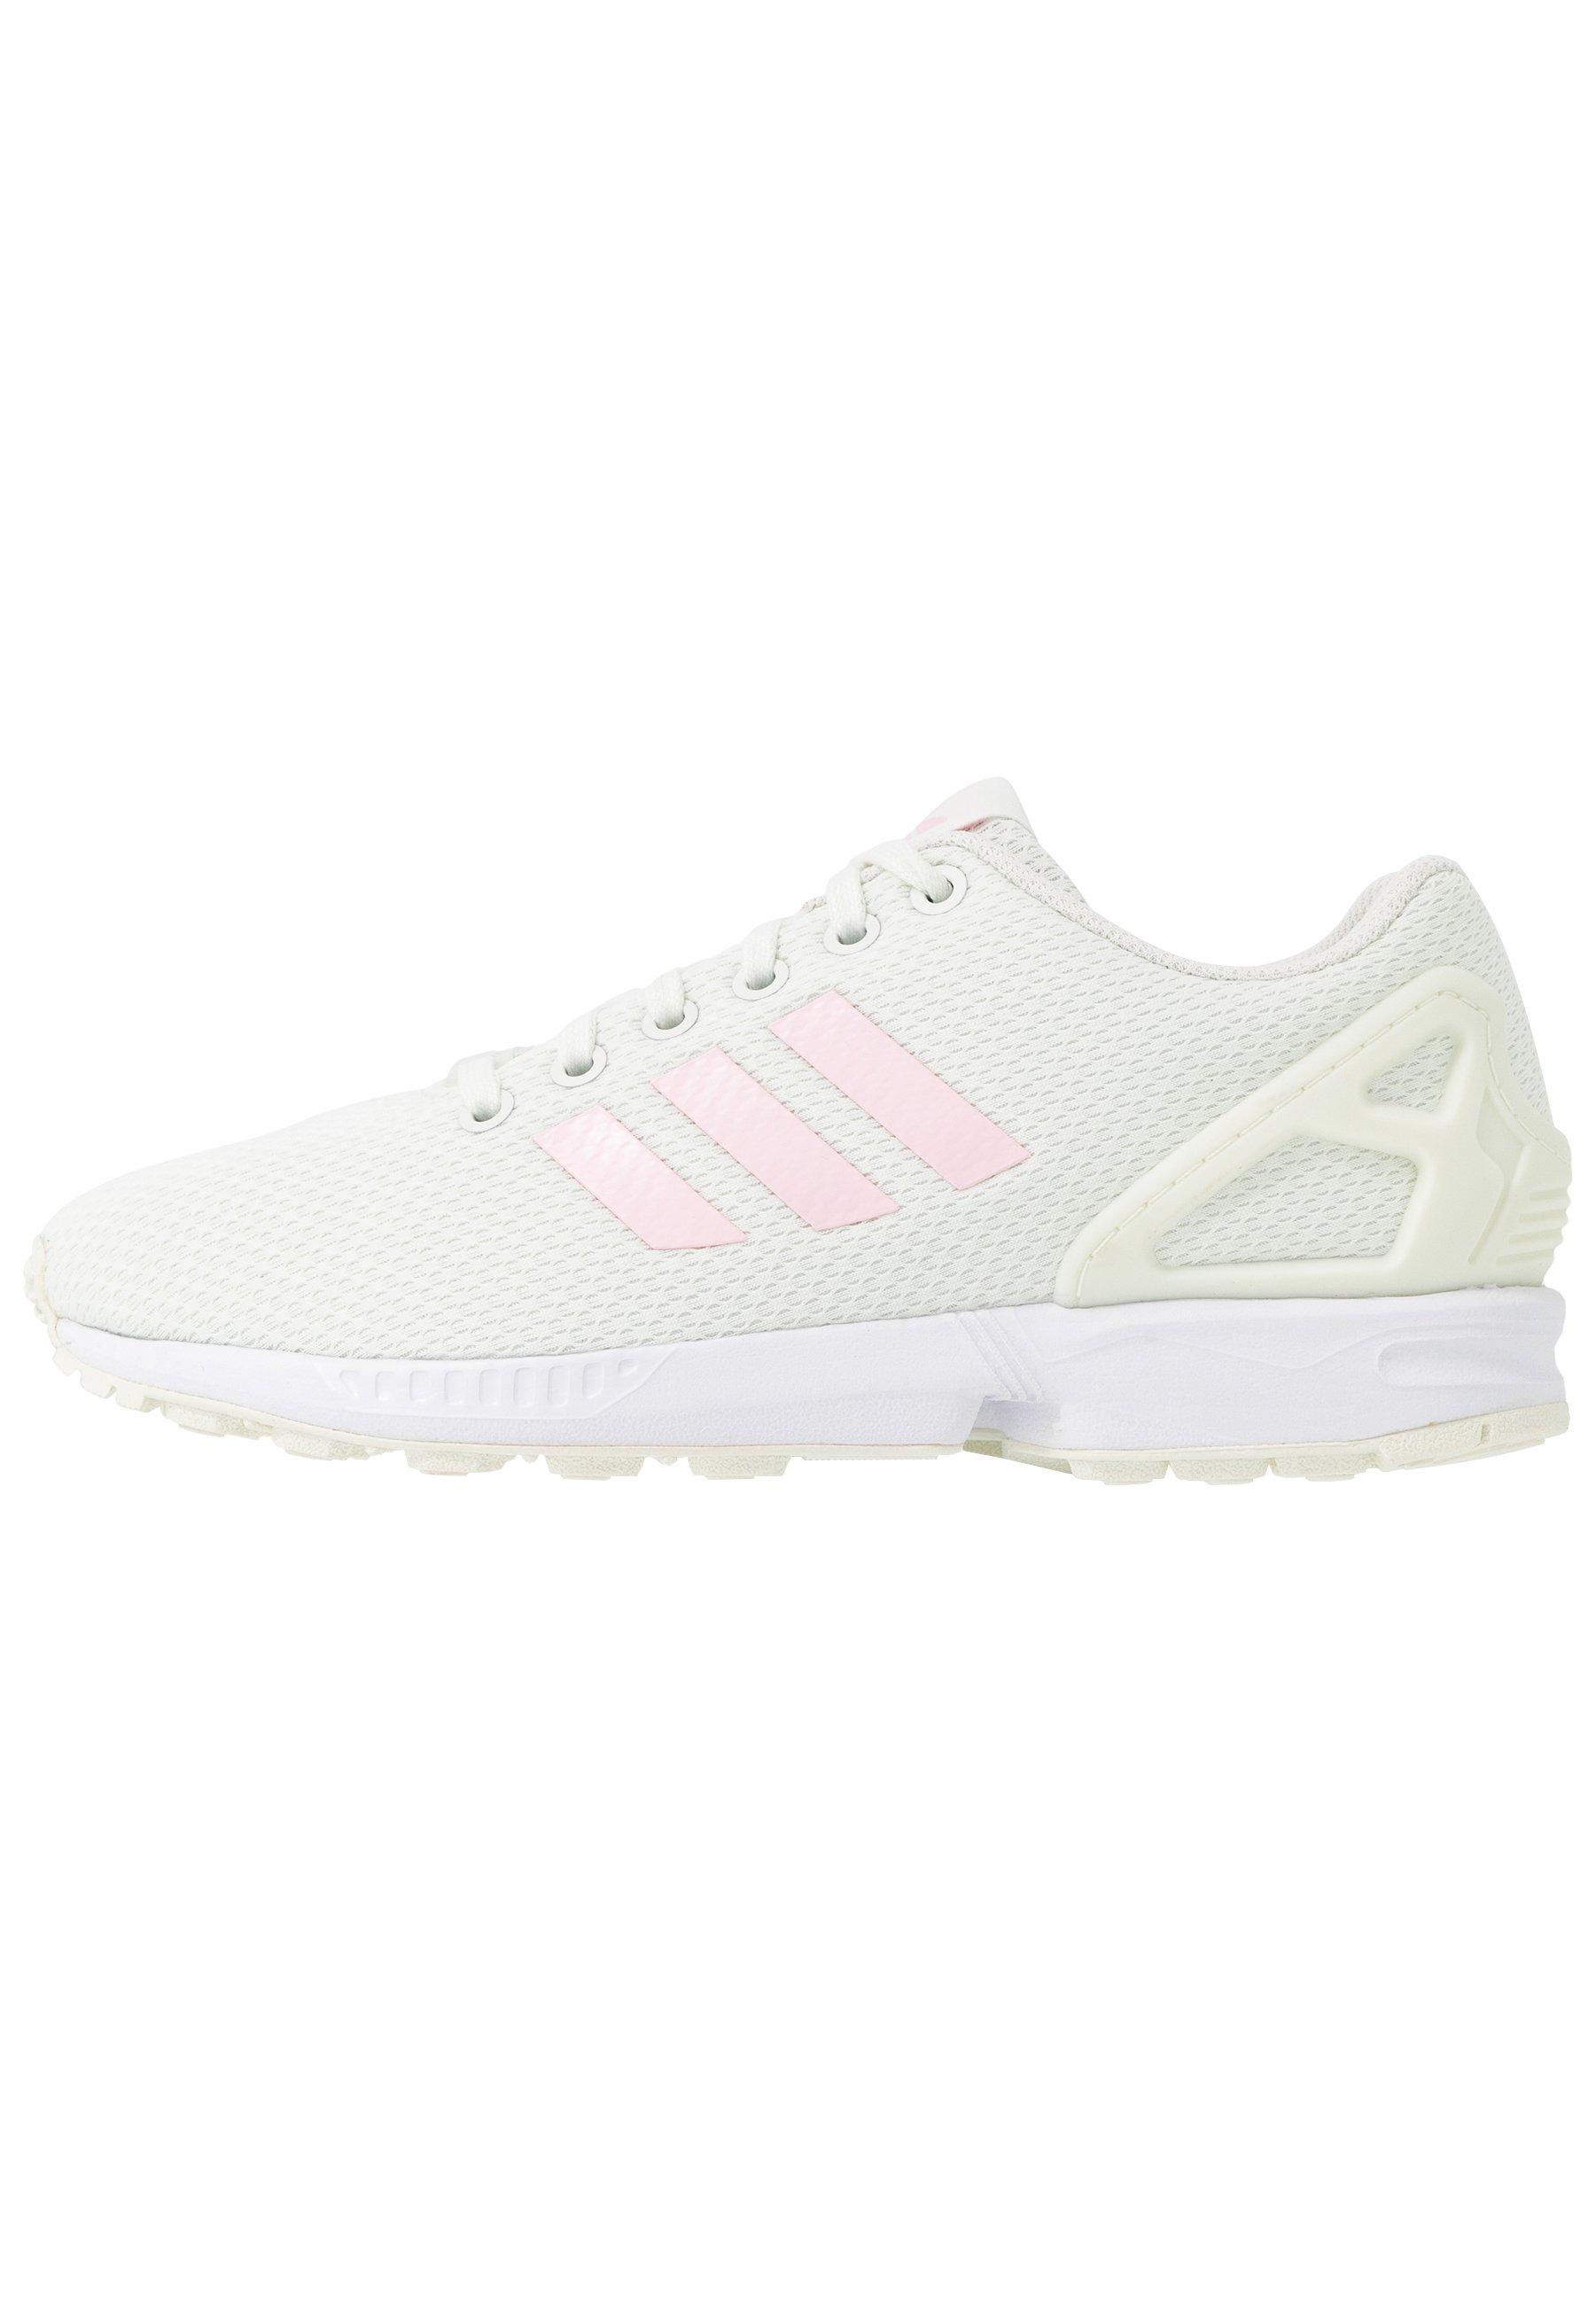 ZX FLUX Sneaker low whiteclear pinkcore black